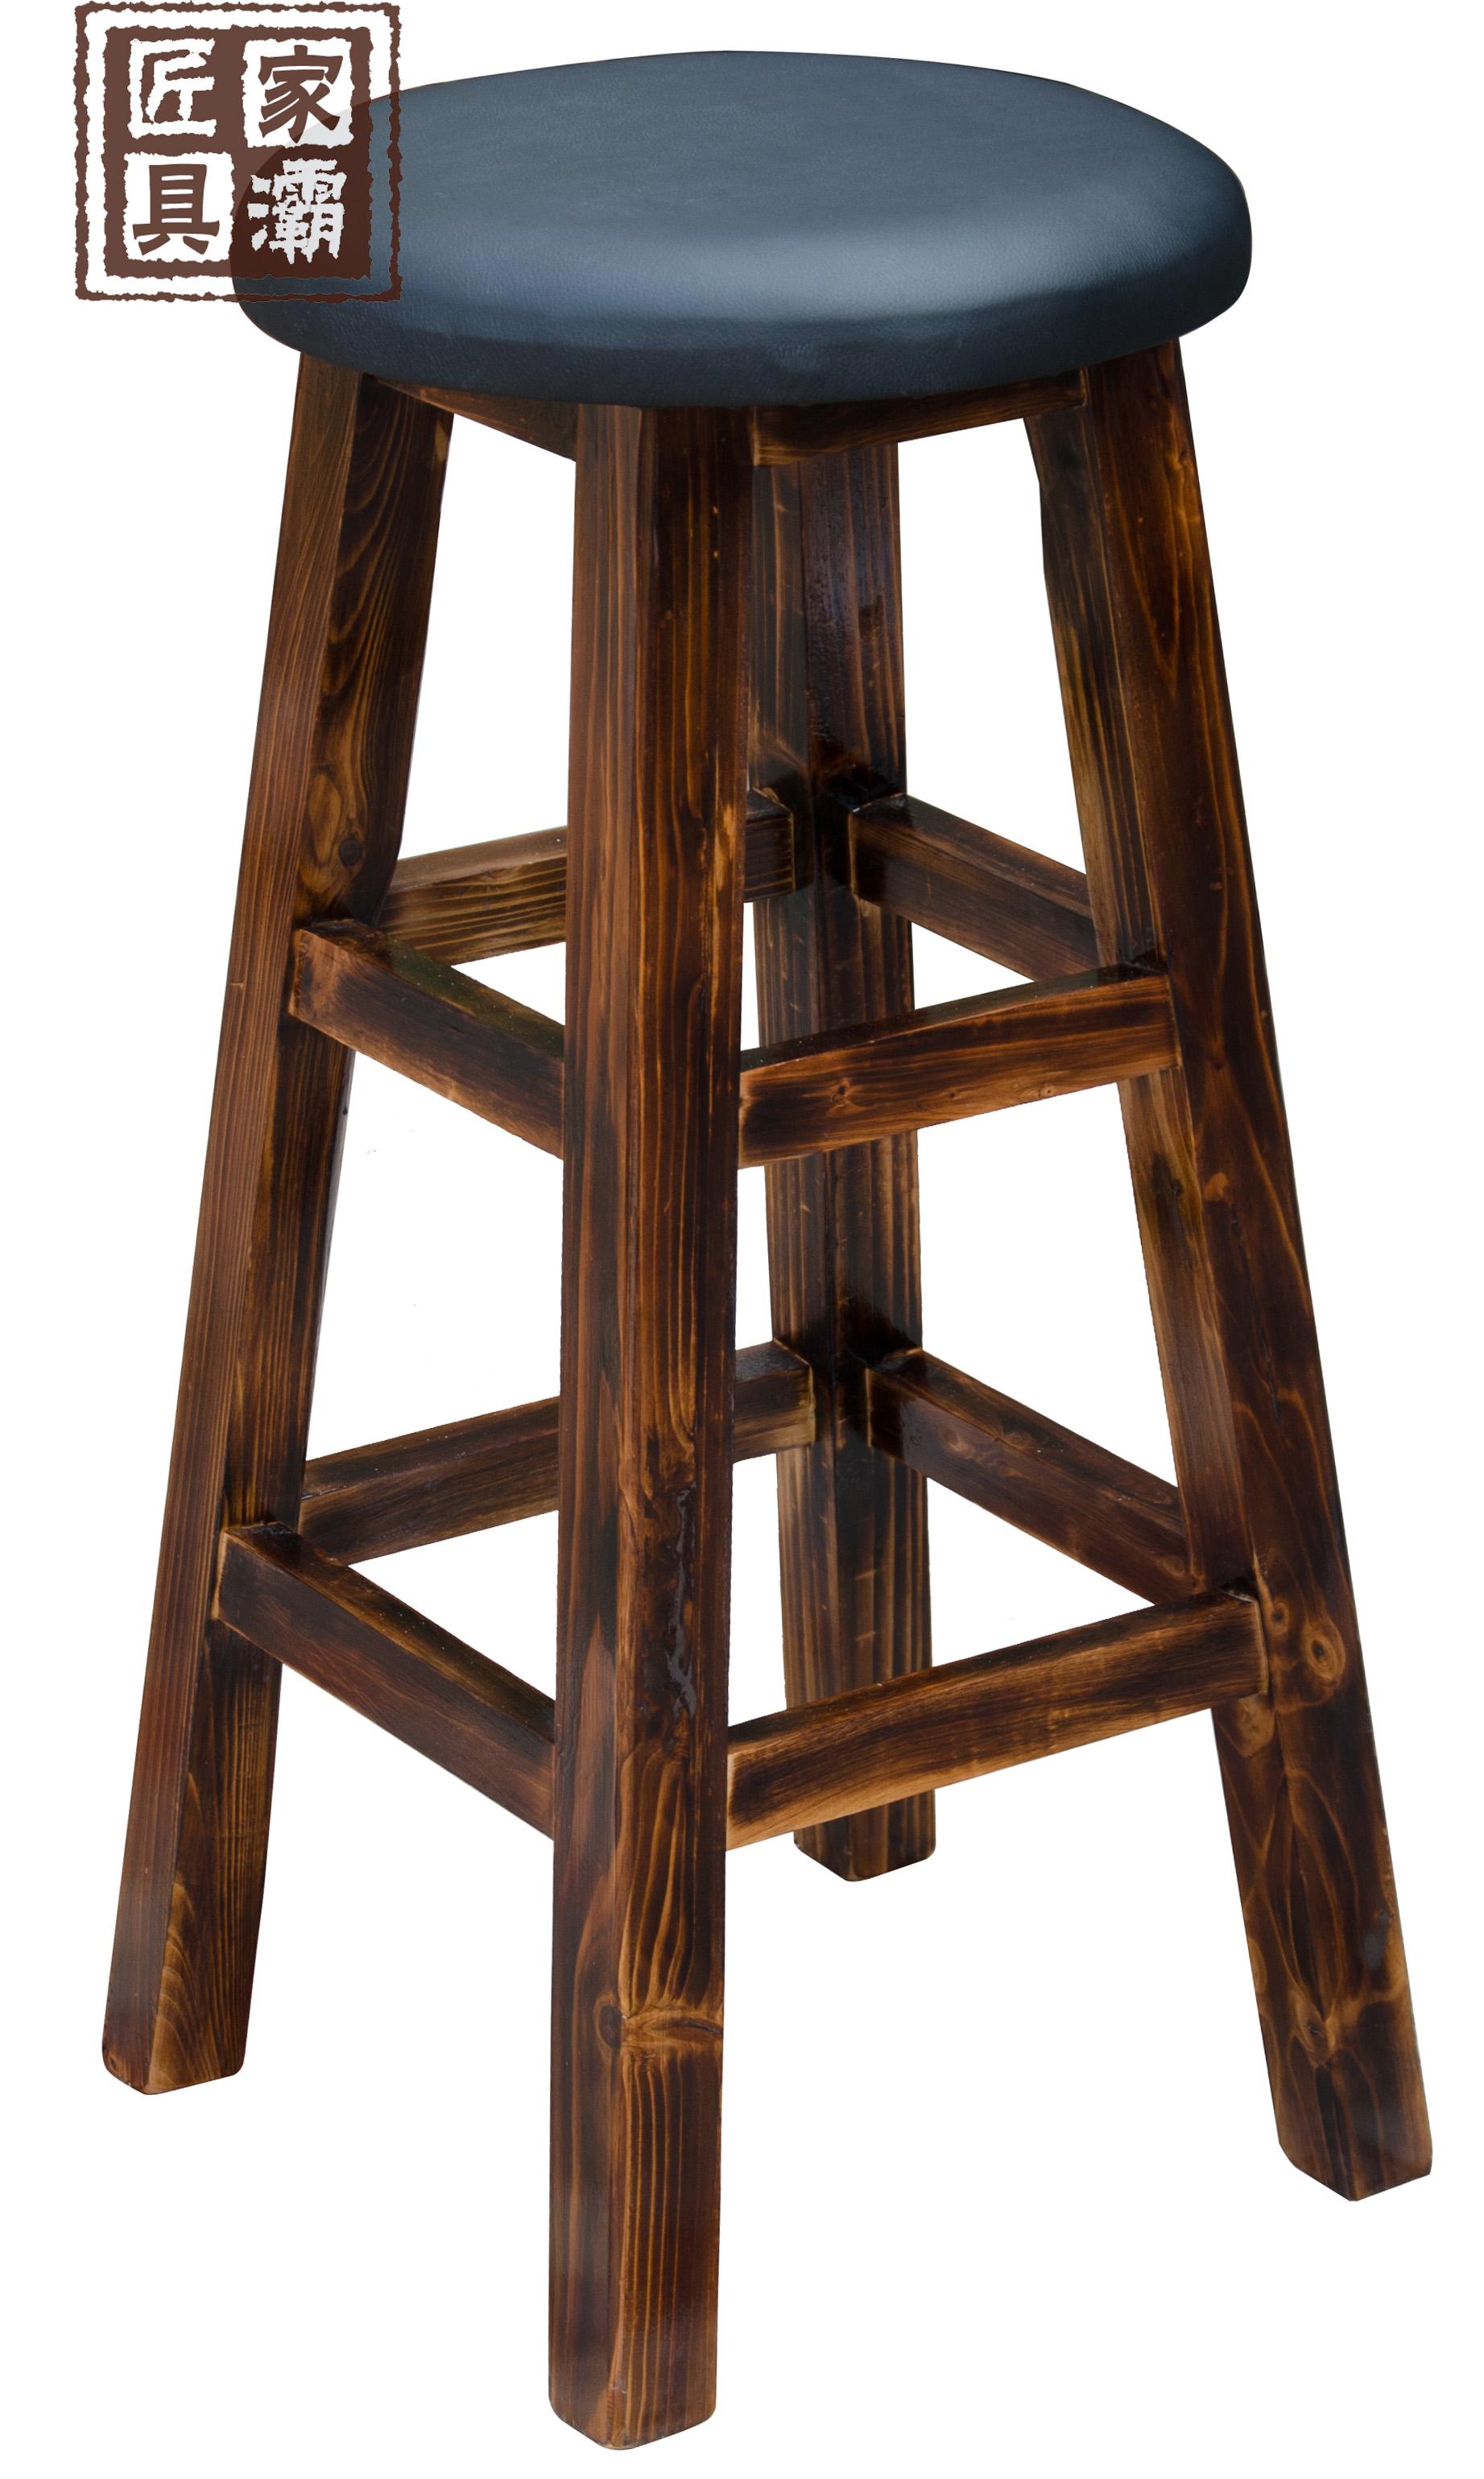 Ходули стул дерево бар стул дерево табурет бар табуретка бар столы и стулья бар табуретка бар табуретка бар стул